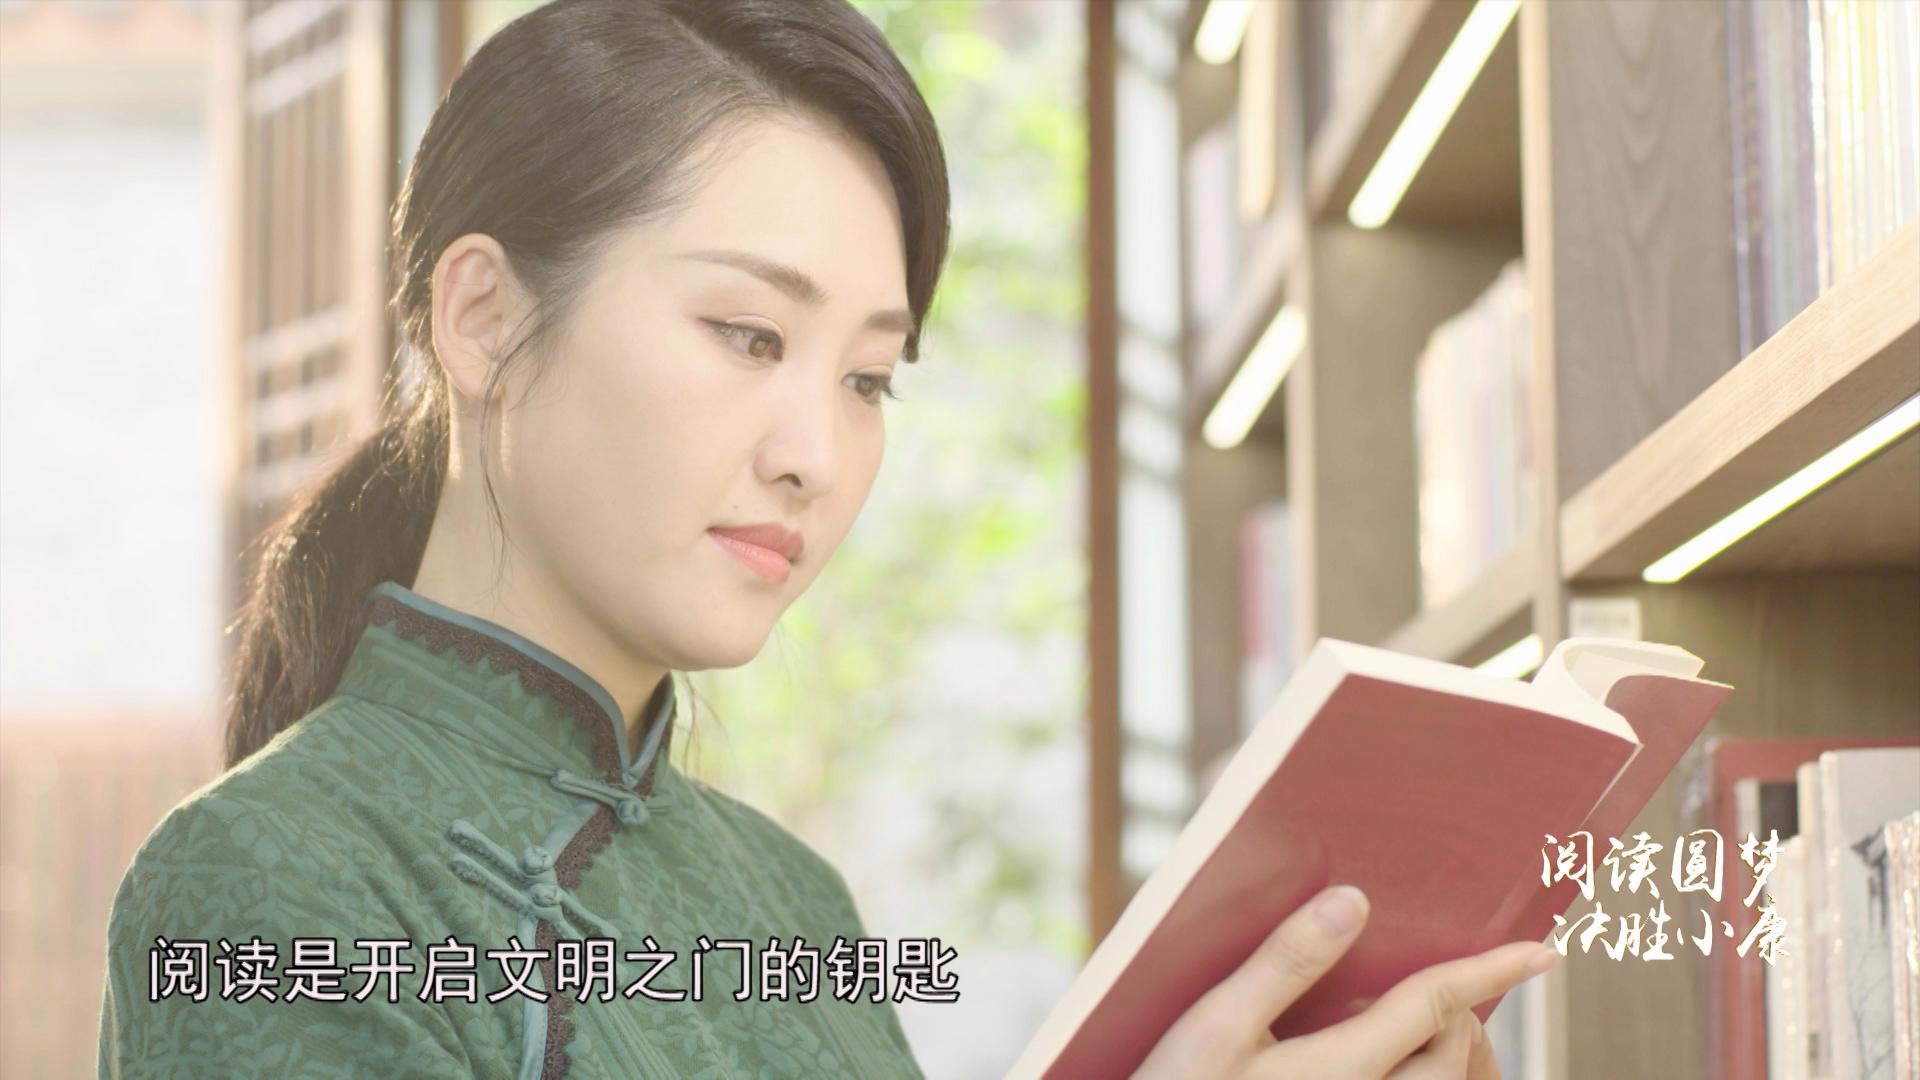 阅读圆梦 决胜小康――2020年广西全民阅读活动宣传片